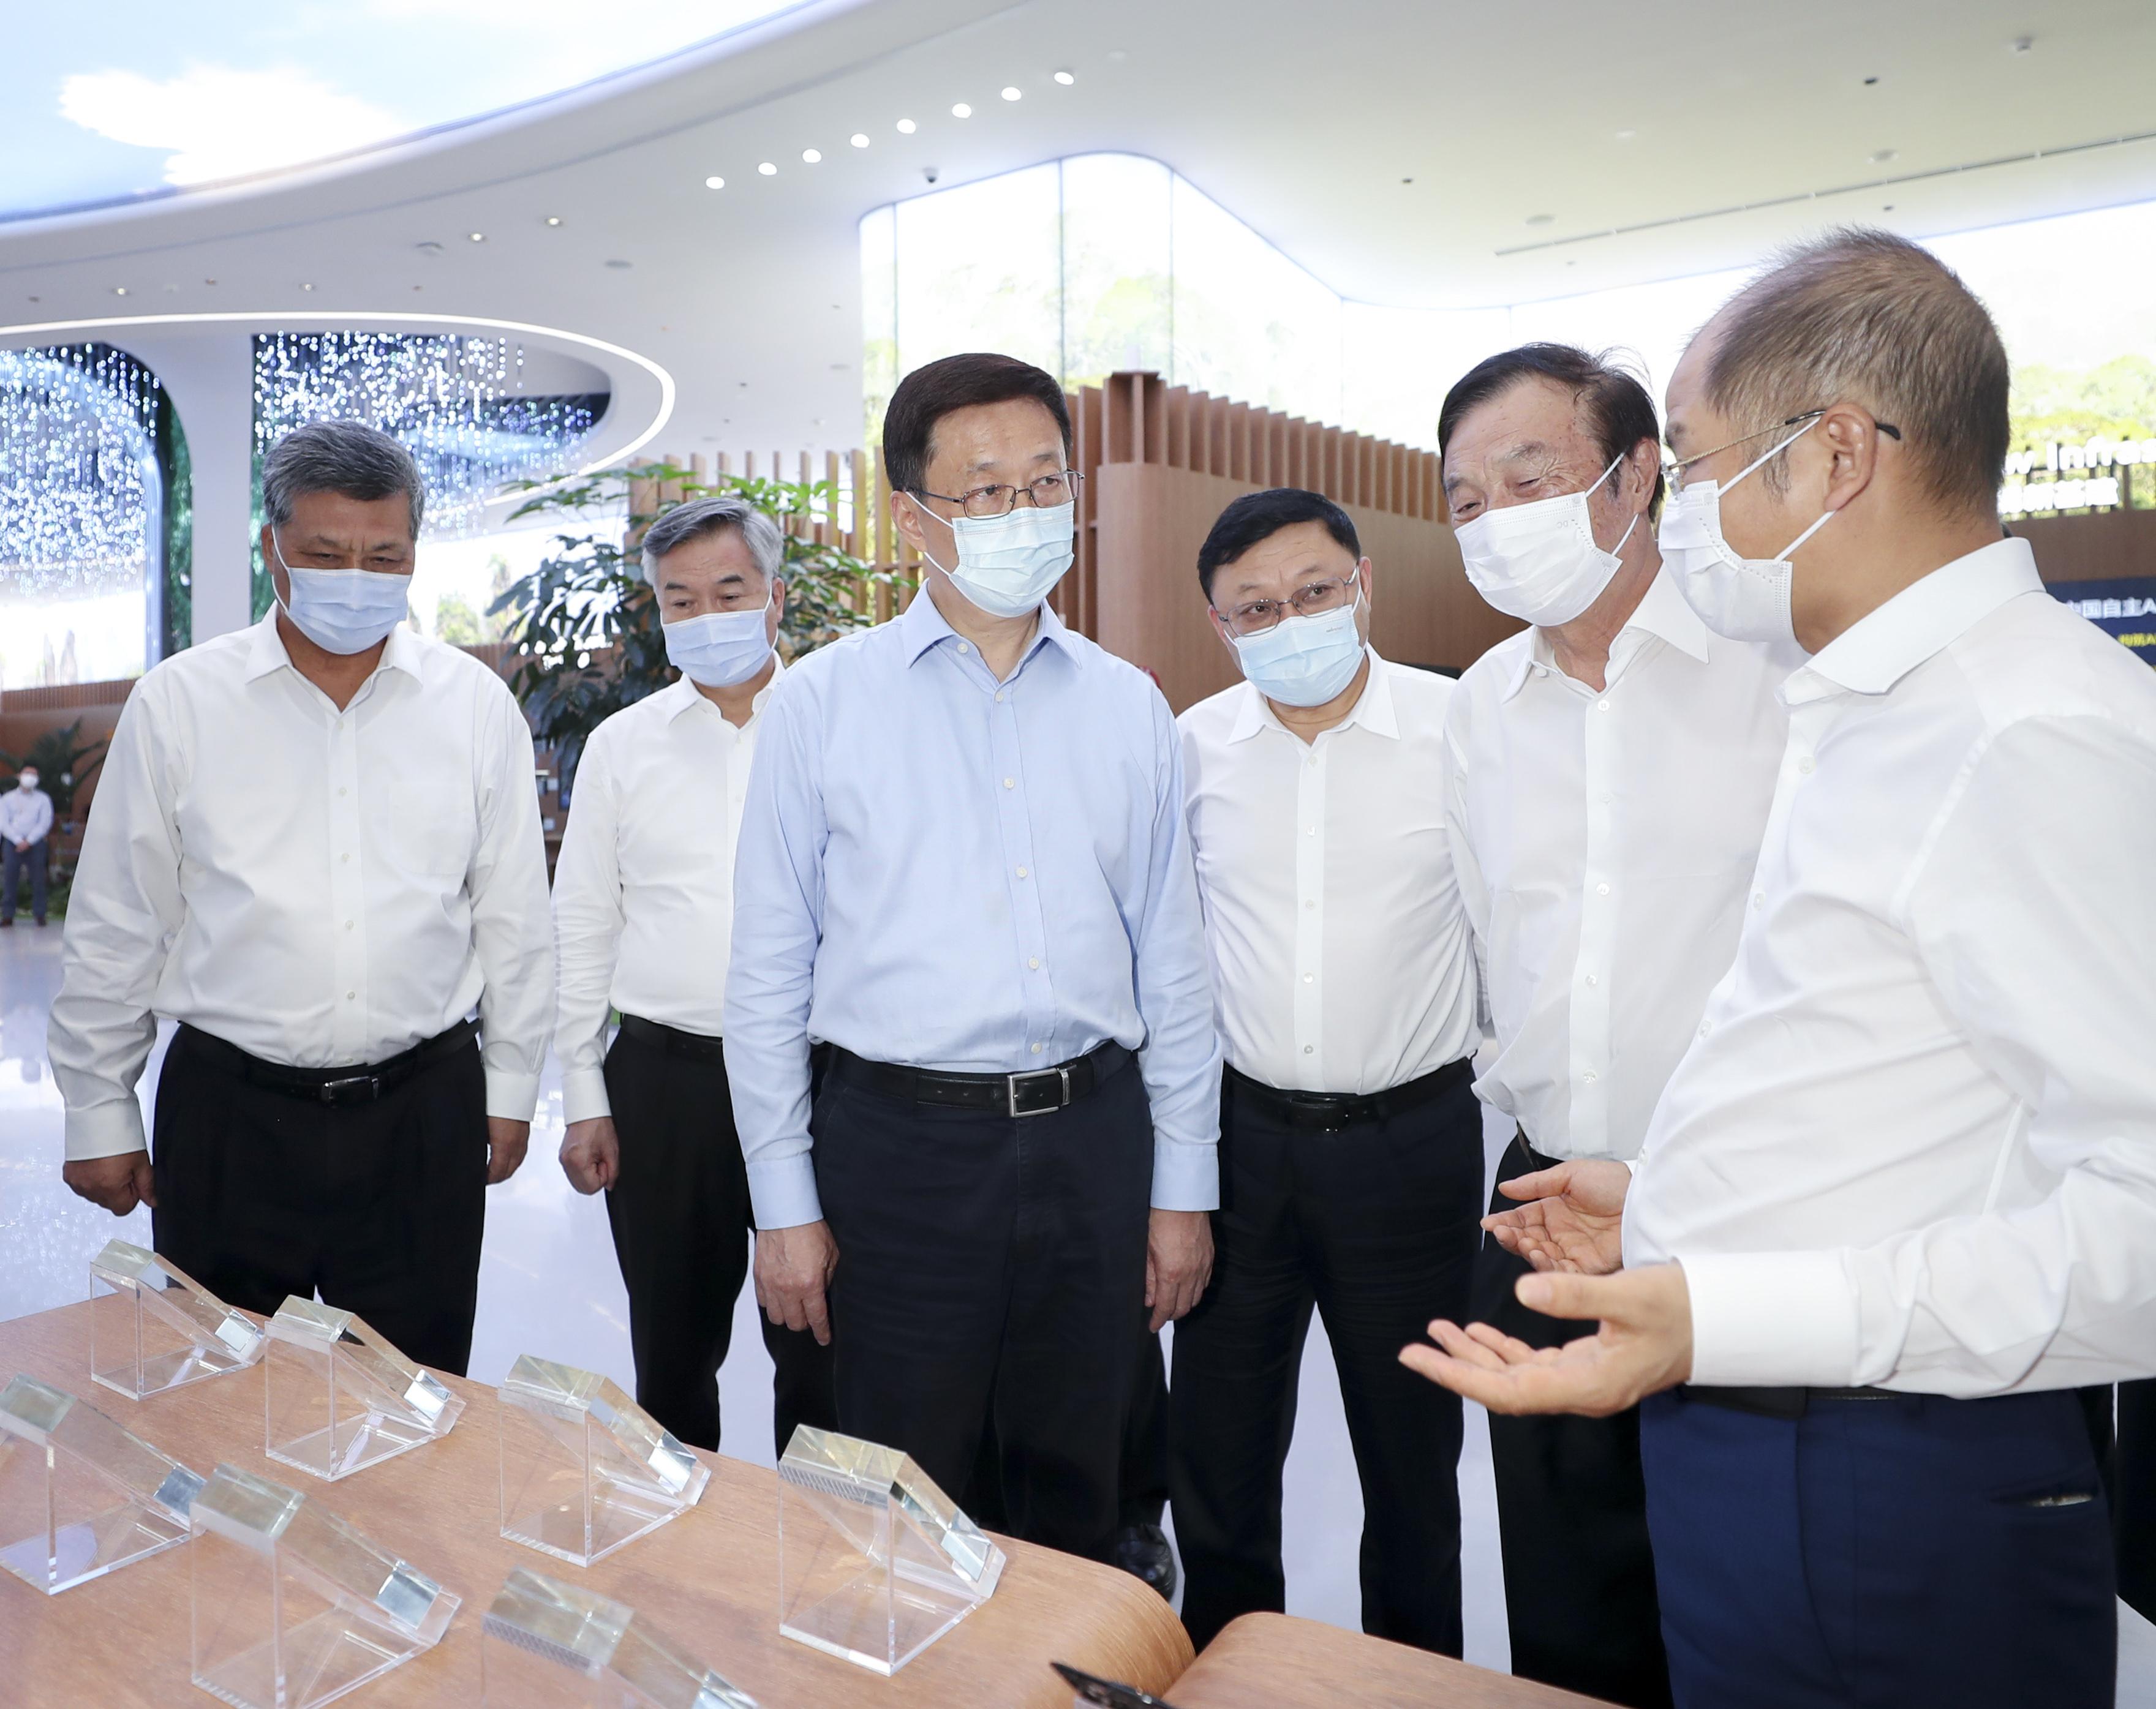 这是9月19日,韩正在深圳华为技术有限公司调研。 新华社记者 丁海涛 摄